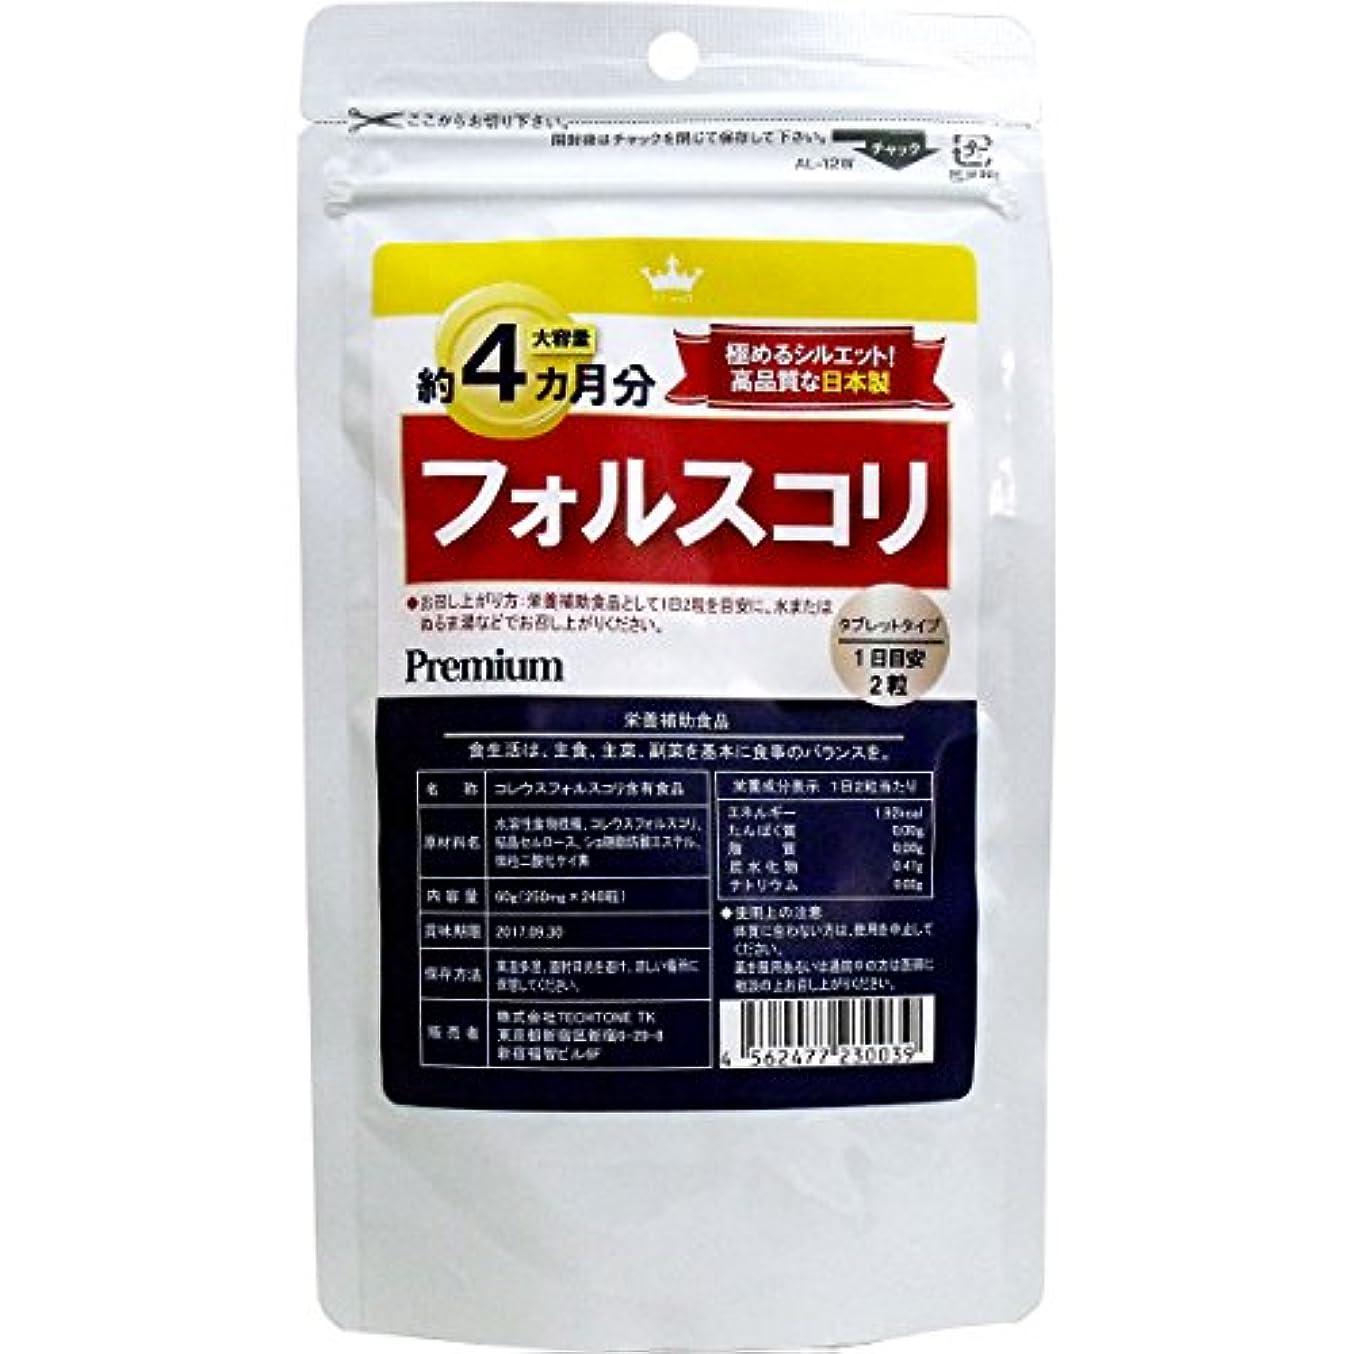 韻原子医薬サプリメント 高品質な日本製 健康食品 フォルスコリ 約4カ月分 240粒入【4個セット】